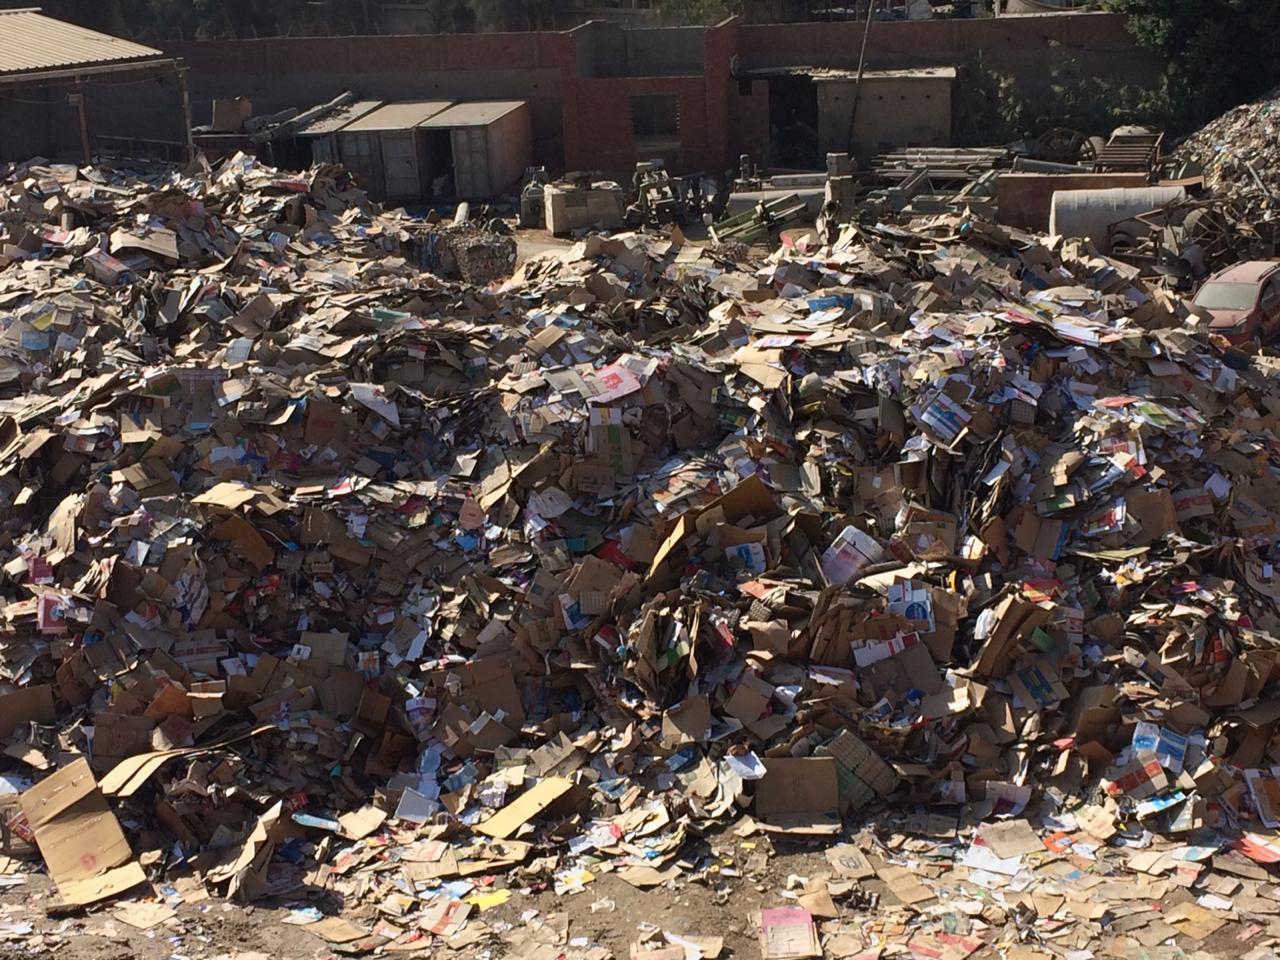 شكوى من التلوث البيئى والسمعى لمصنع للكرتون بطره المعادى  (3)